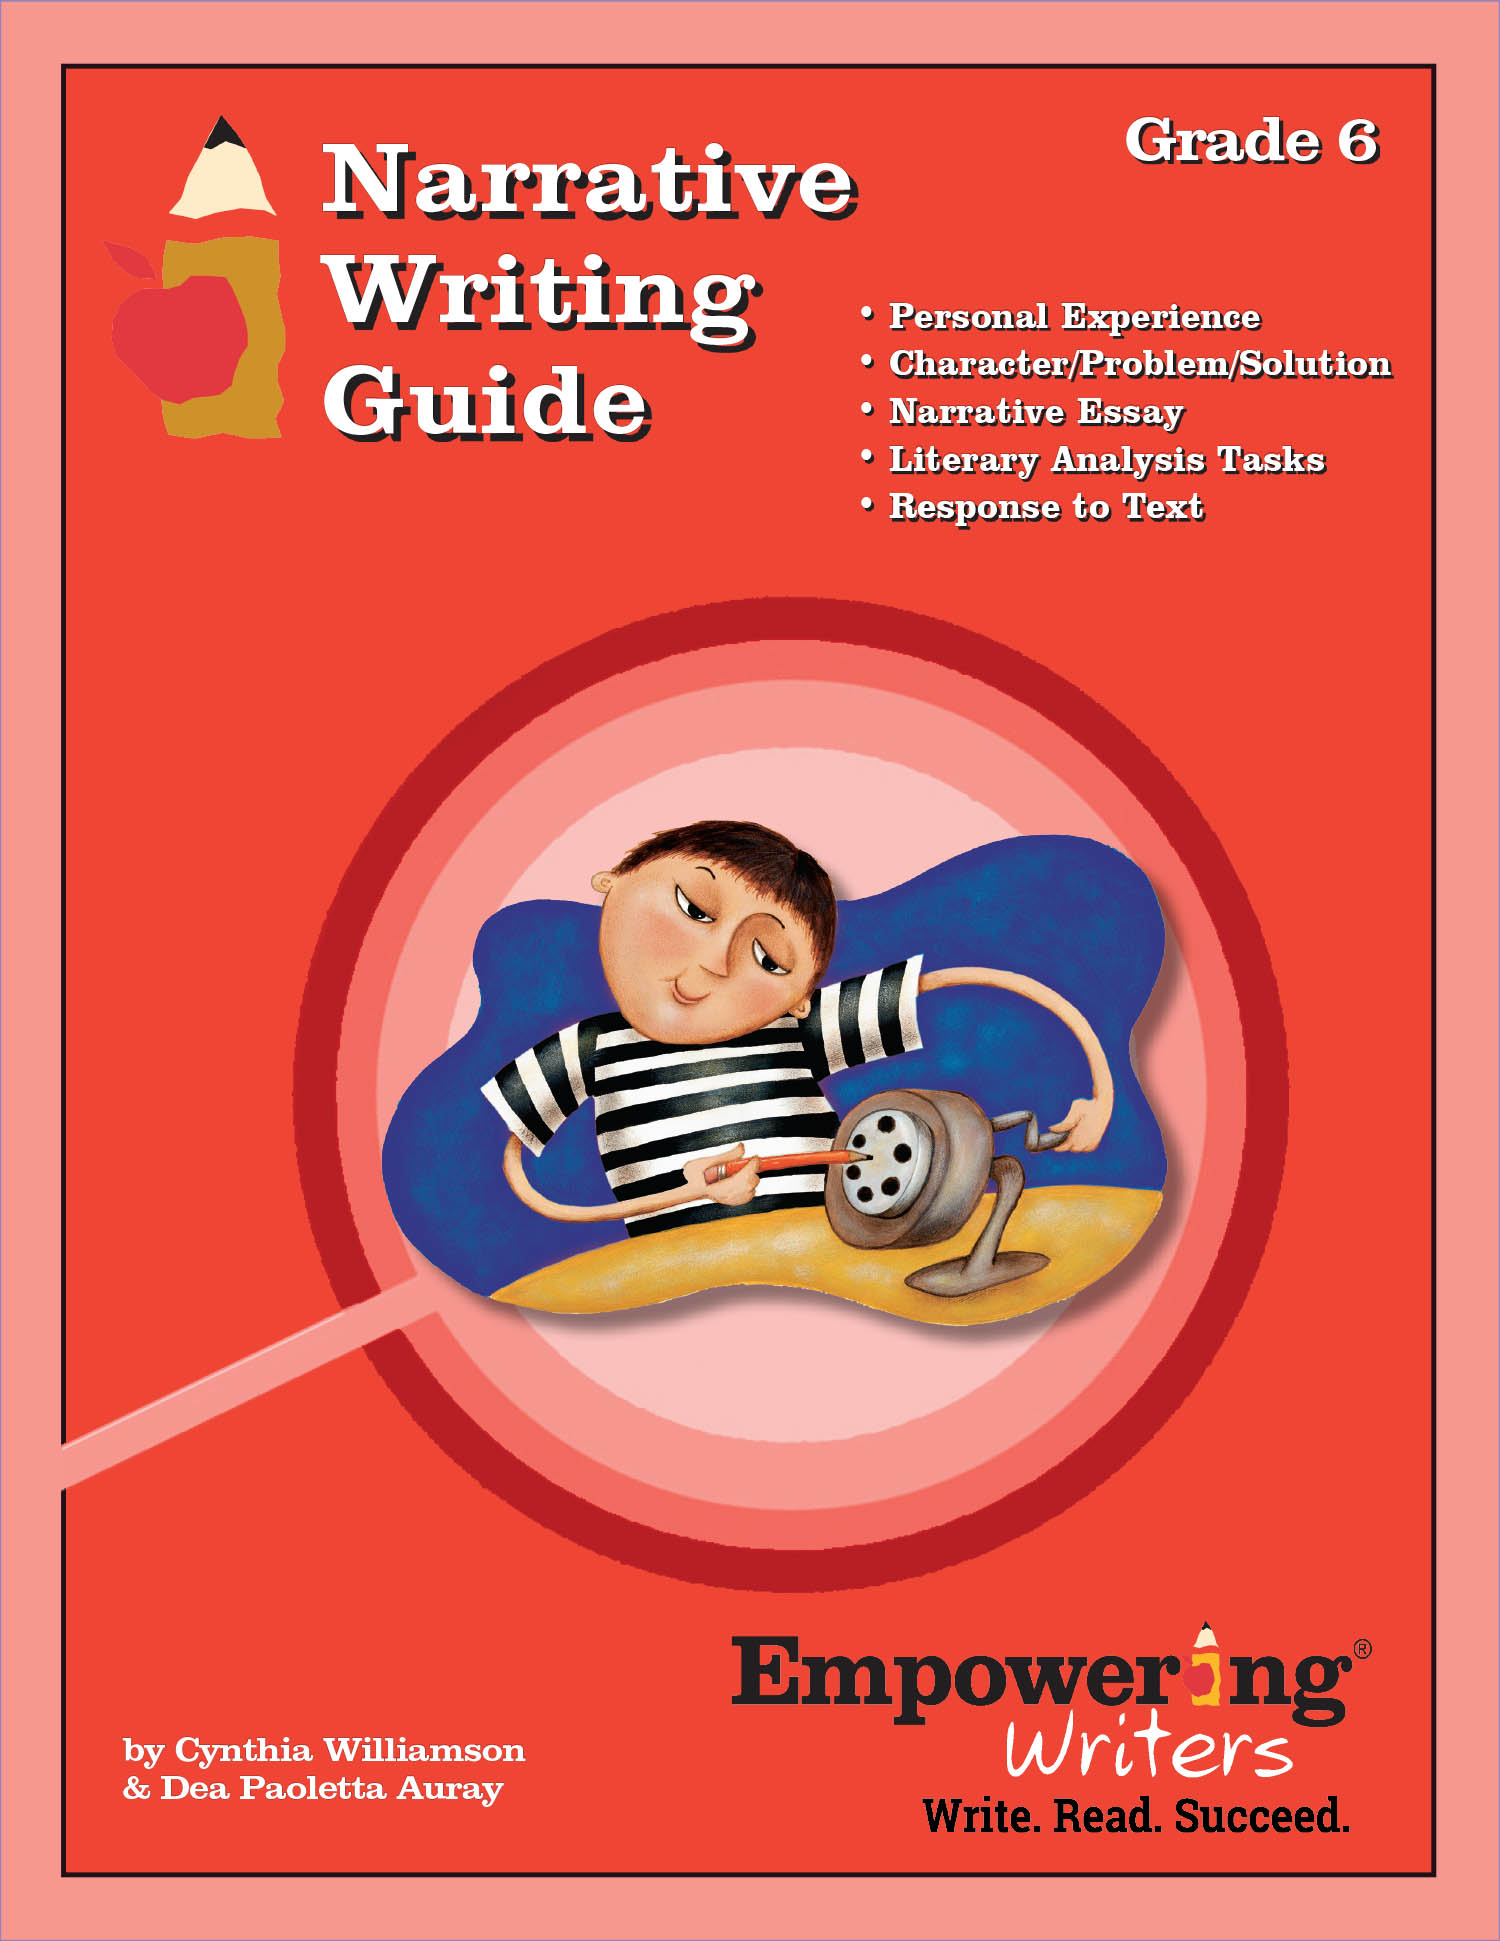 Grade 6 Narrative Guide Cover.SM